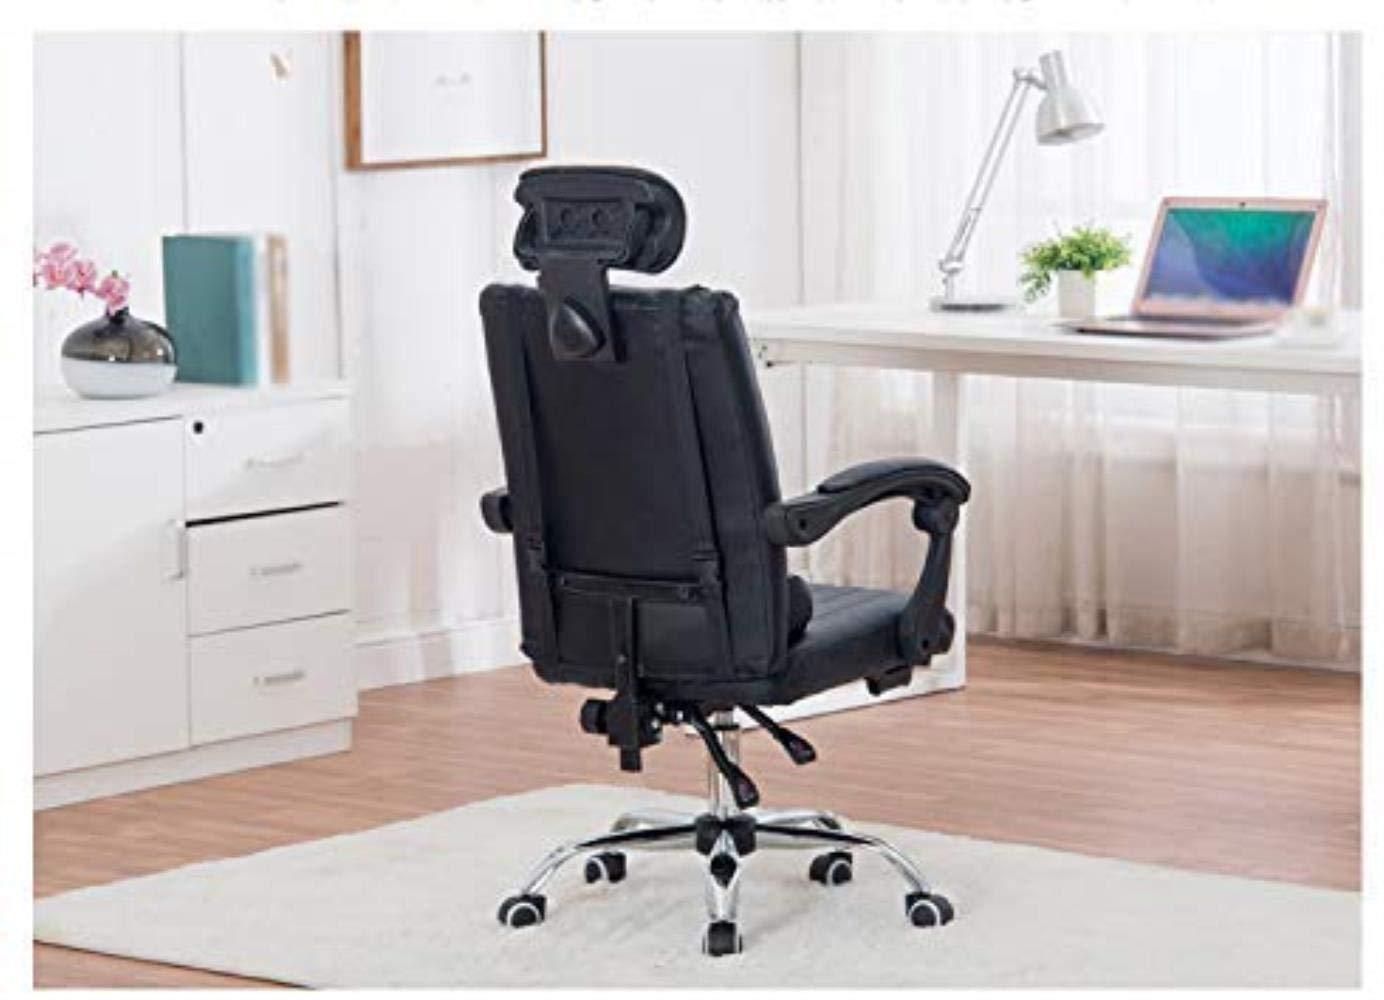 Kontorsstol andningsbar dator stol svängbar stol kontor liggande hemma stol stol spelstol säkerhet Svart BLÅ